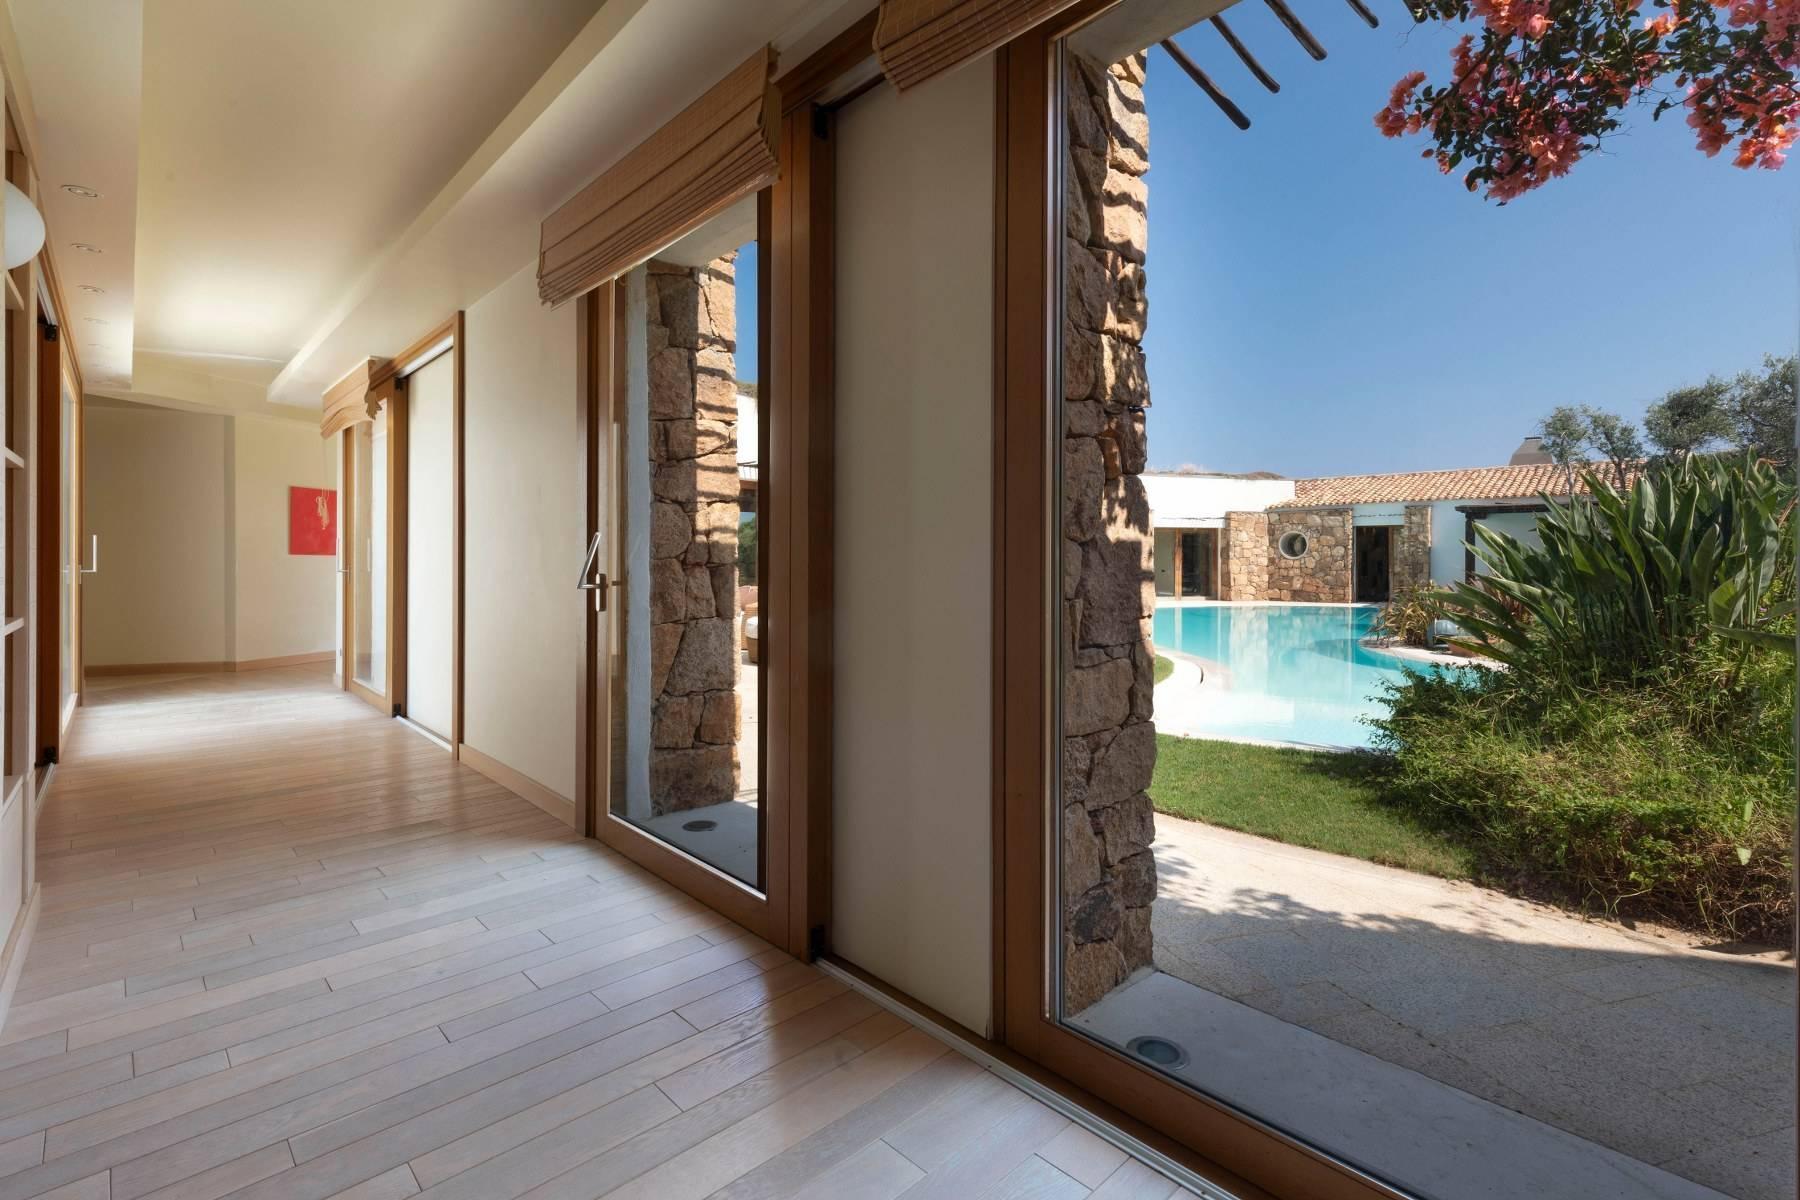 Charming villa in La Miata, Liscia di Vacca - 26